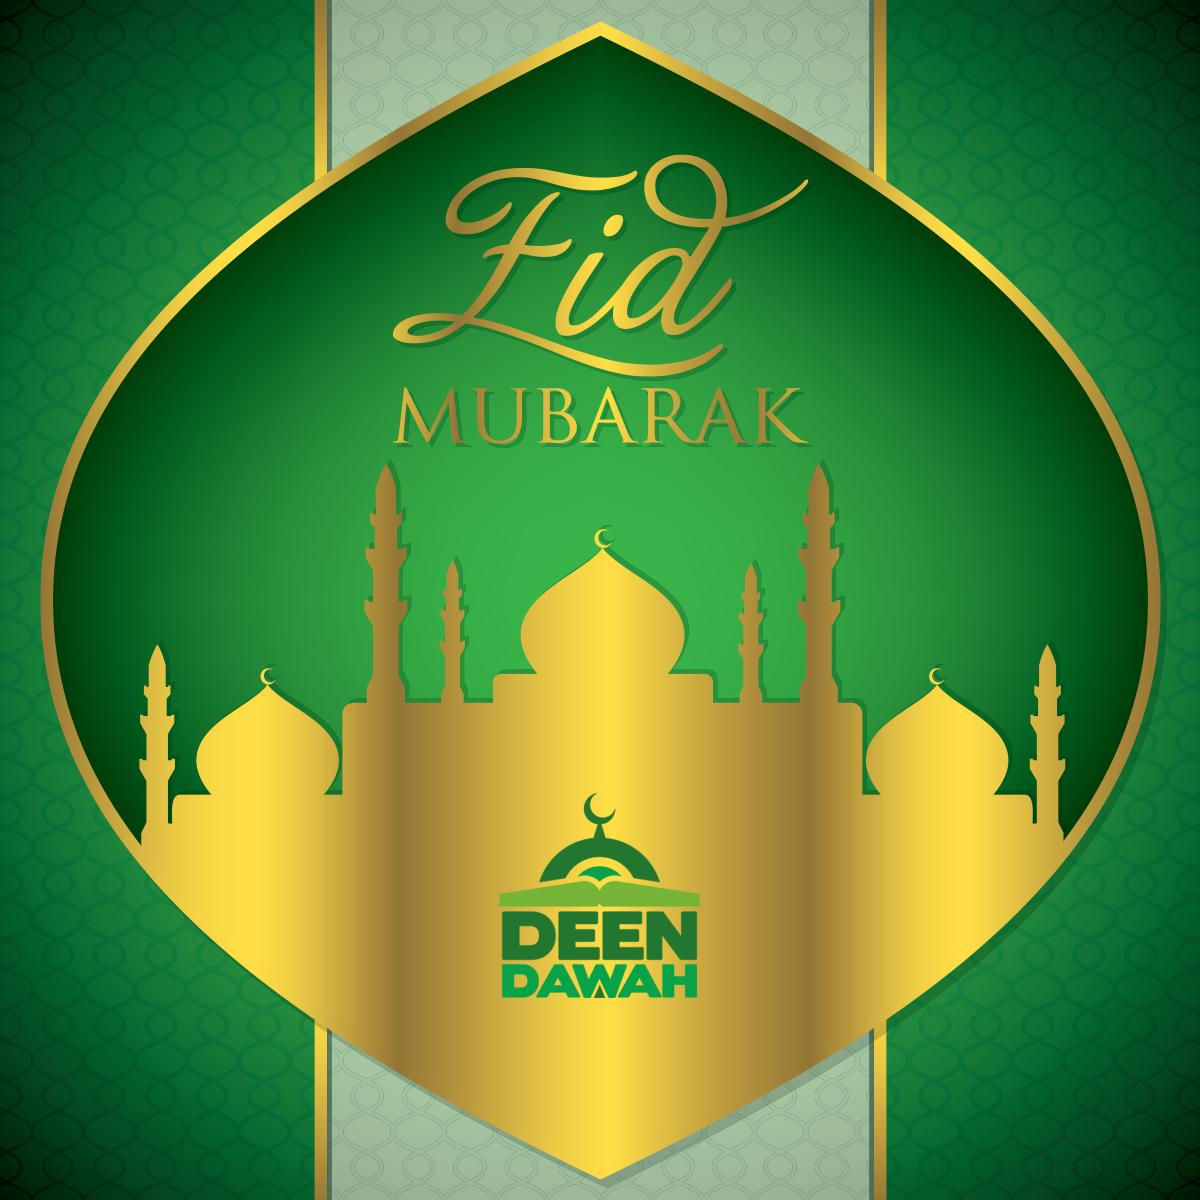 Eid Mubarak To All Muslim Ummah May Allah Bring You Increase In